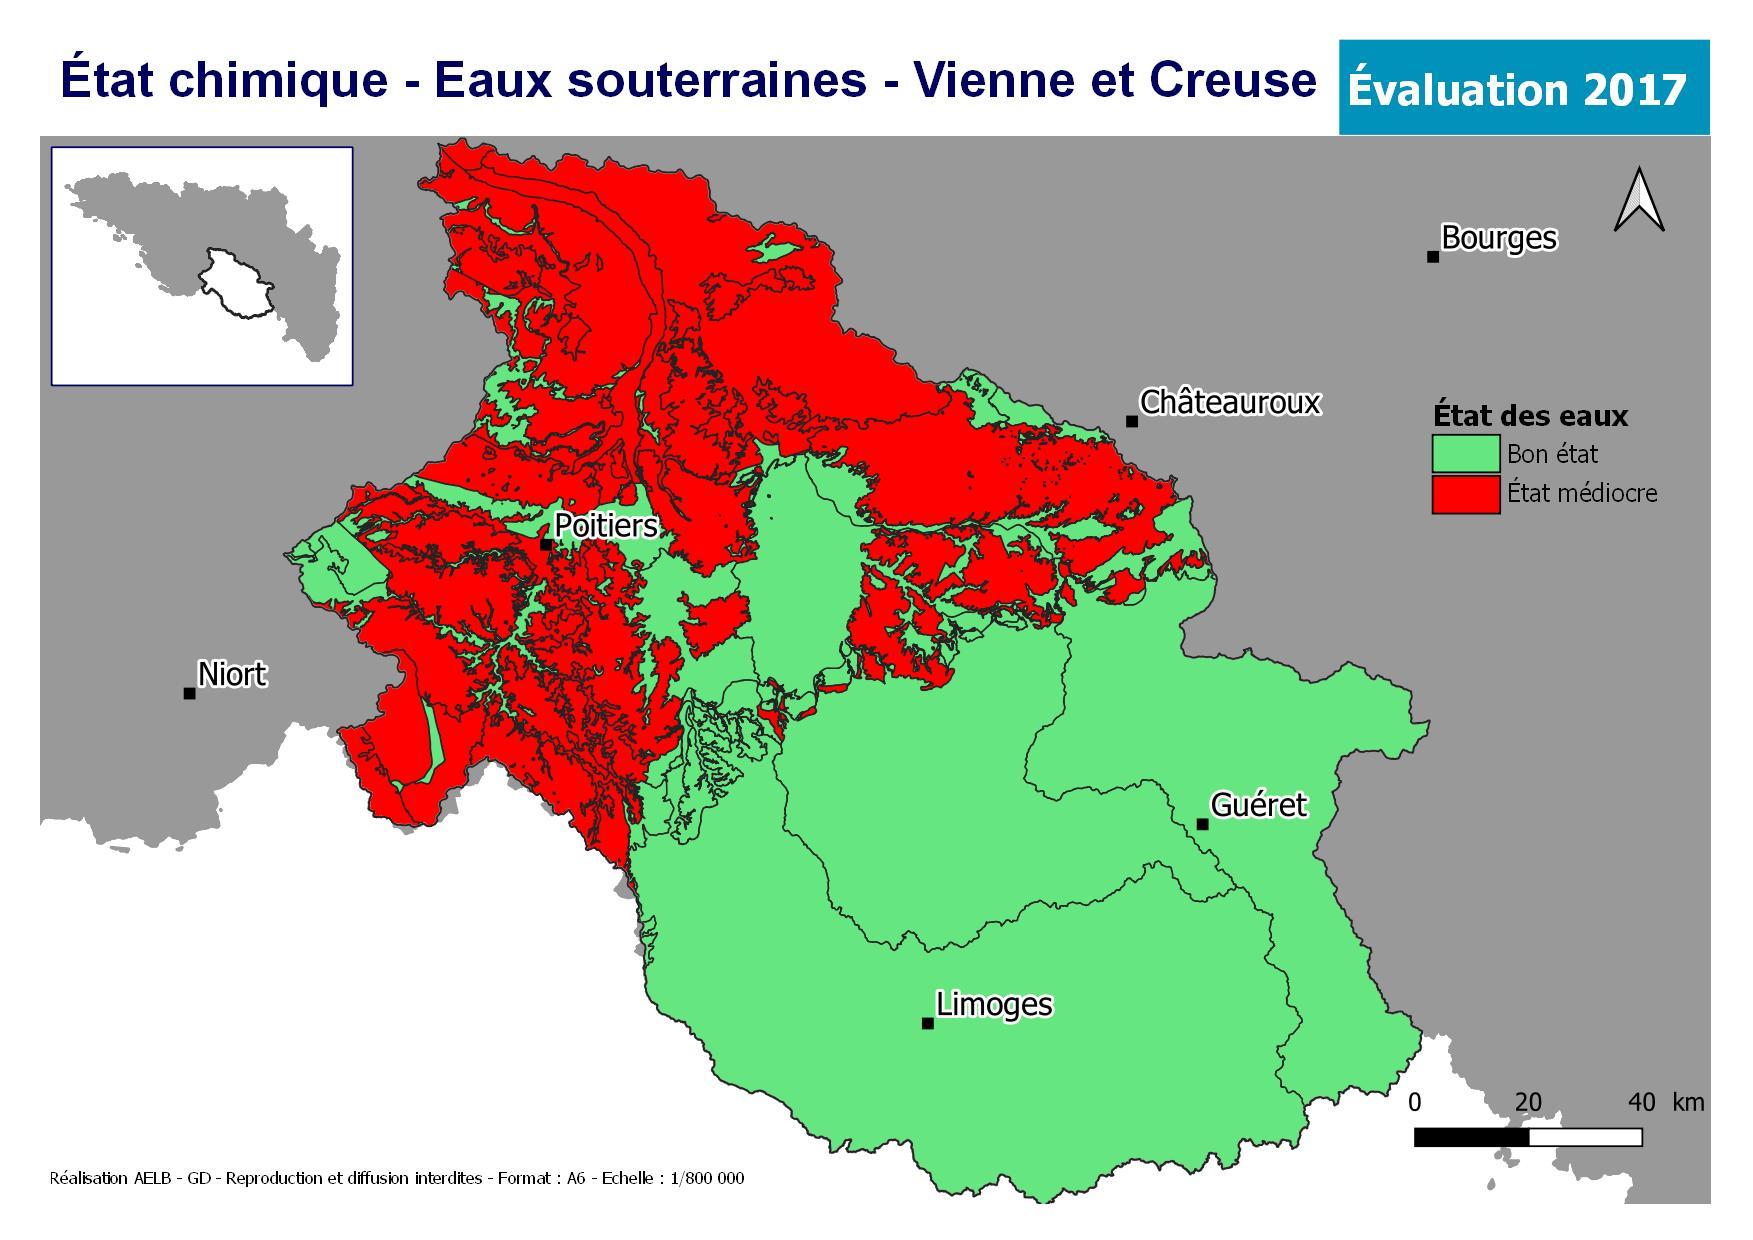 Évaluation 2017 de l'état chimique des eaux souterraines - Vienne Creuse